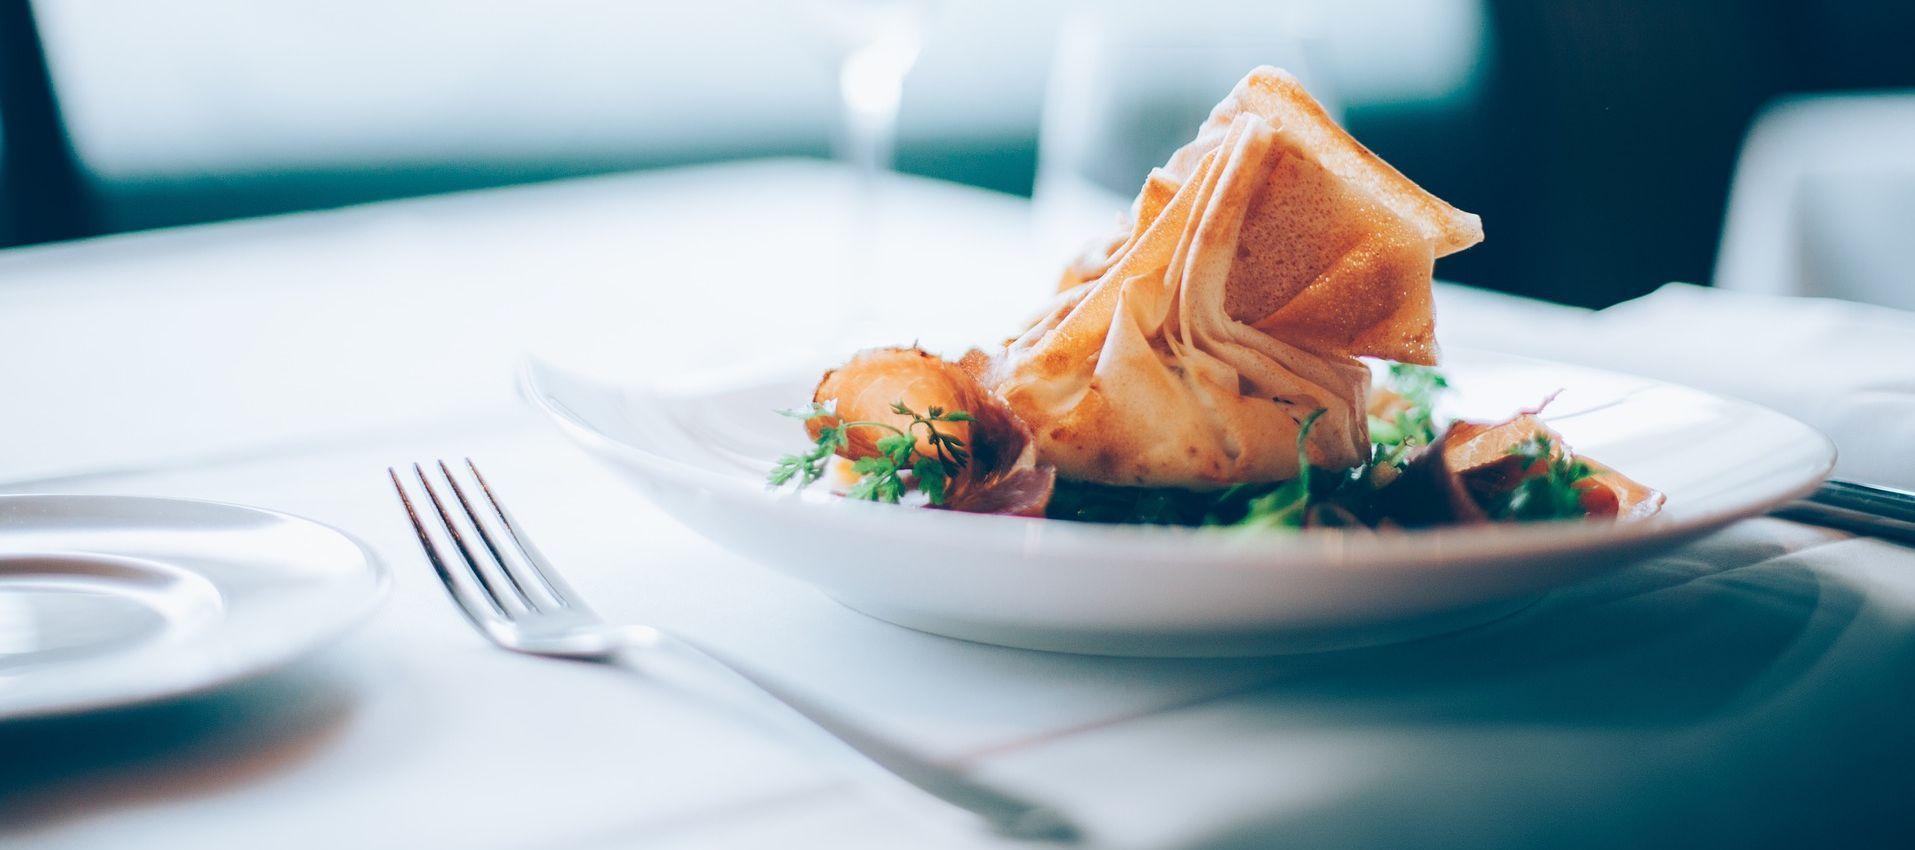 Gastronomie - Gastronomie und Übernachten